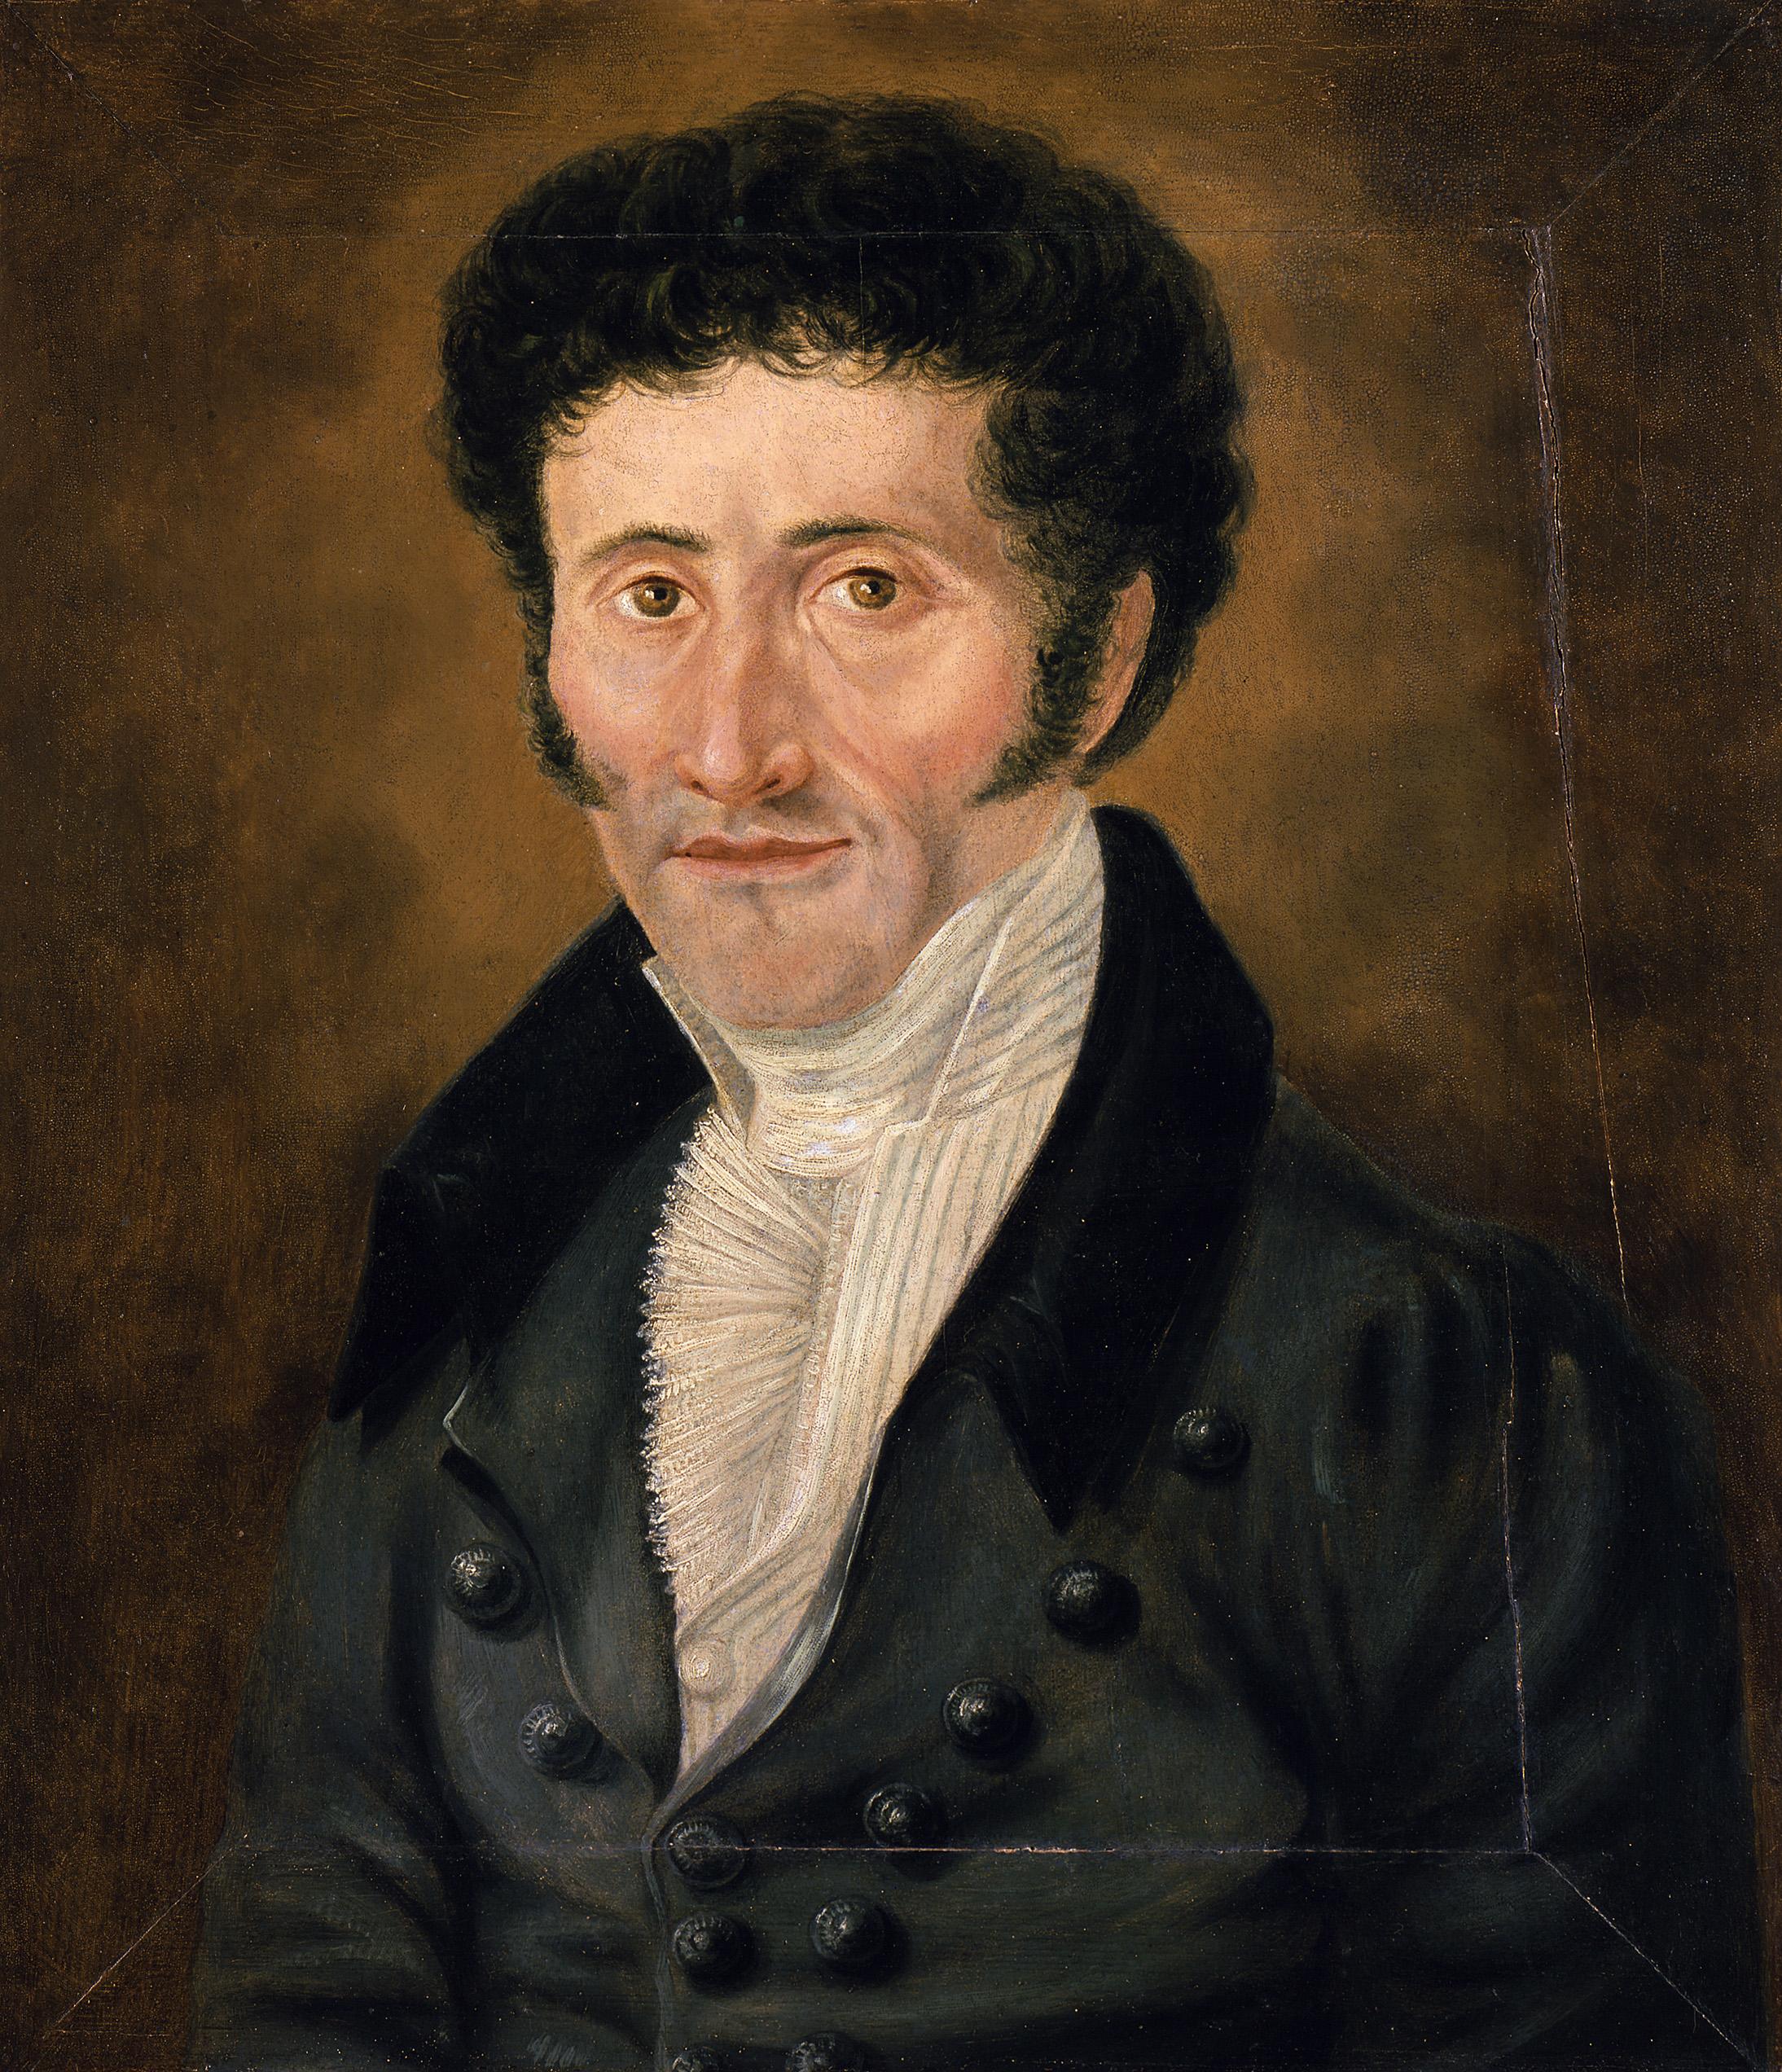 E. T. A. Hoffmann - Wikipedia